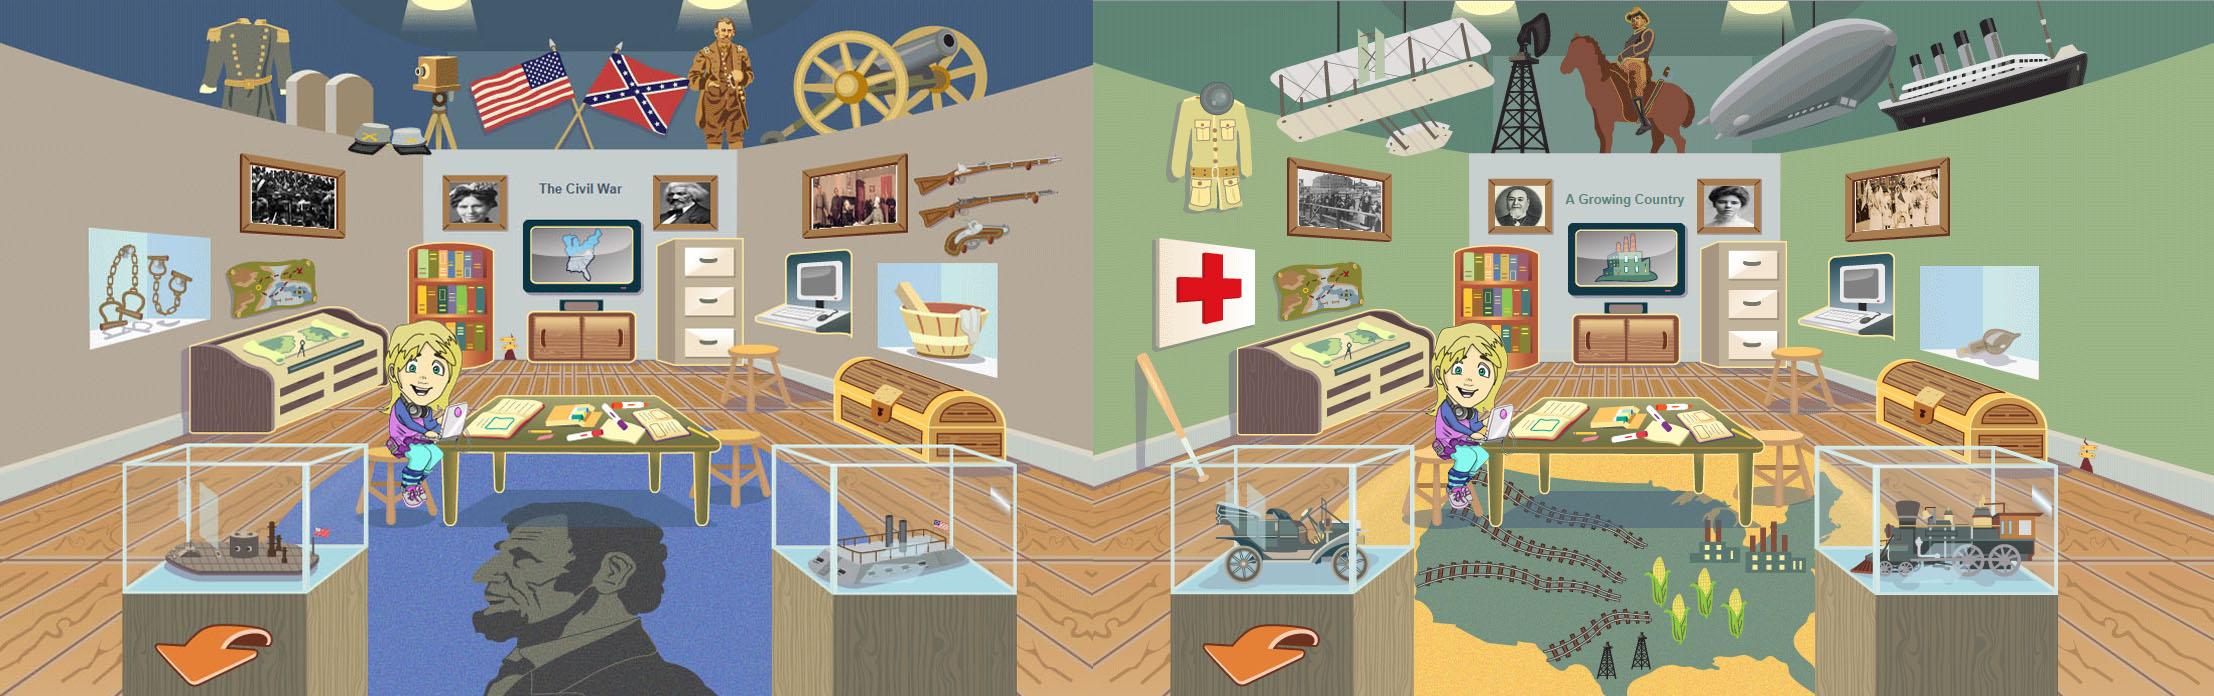 2 rooms comp 3